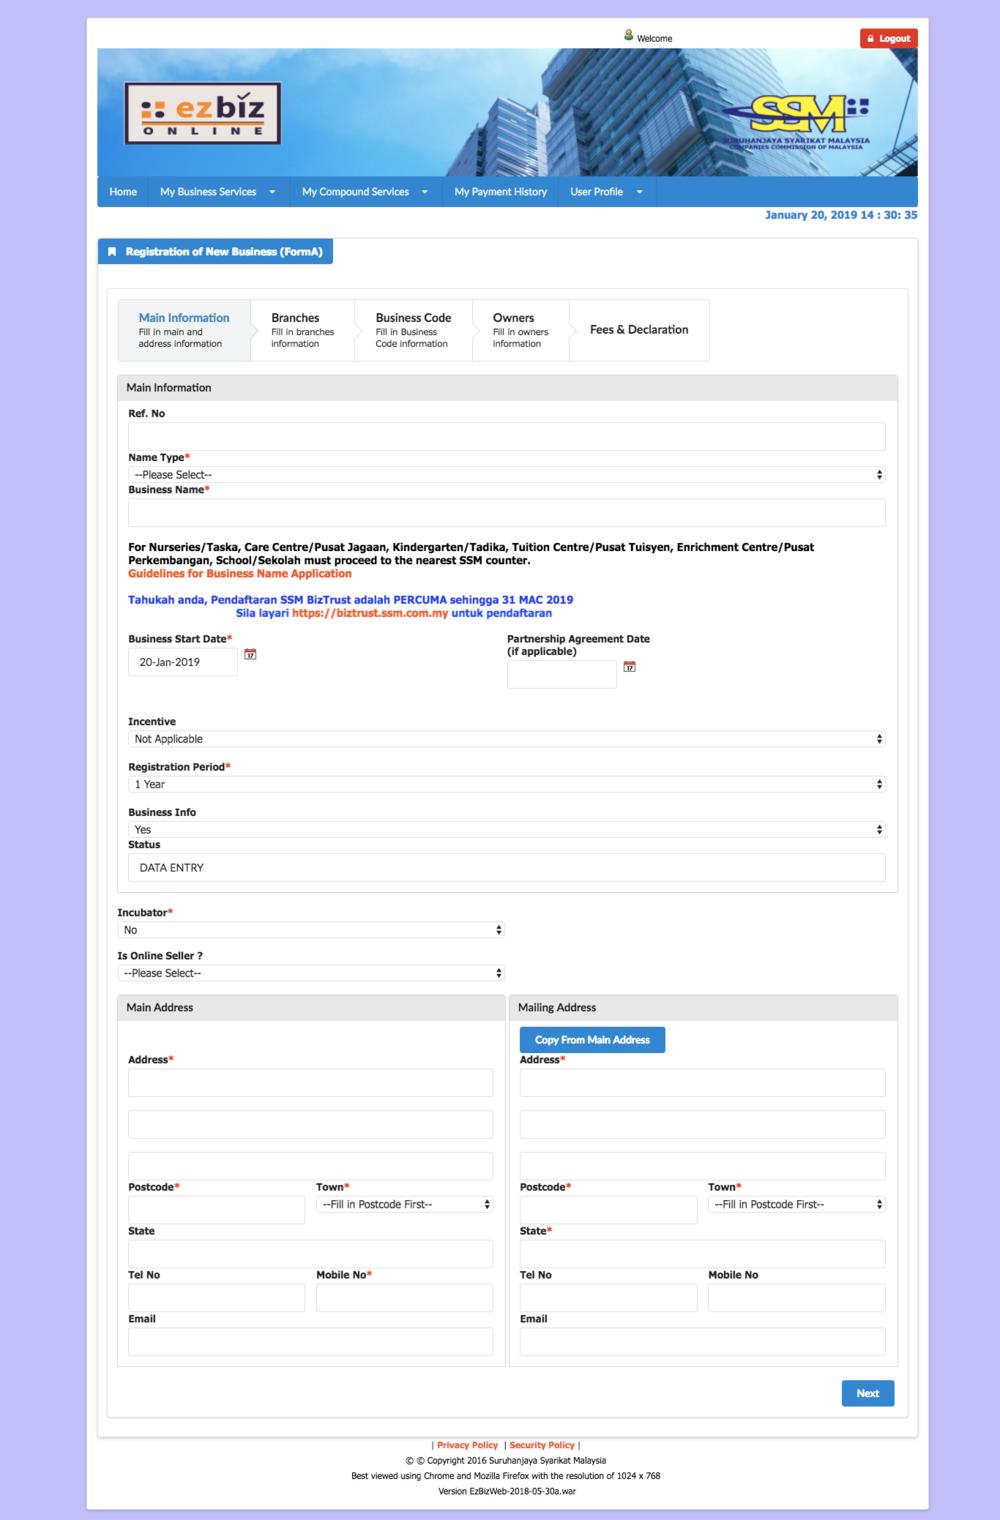 ssm-ezbiz-portal-registration-form-a.png